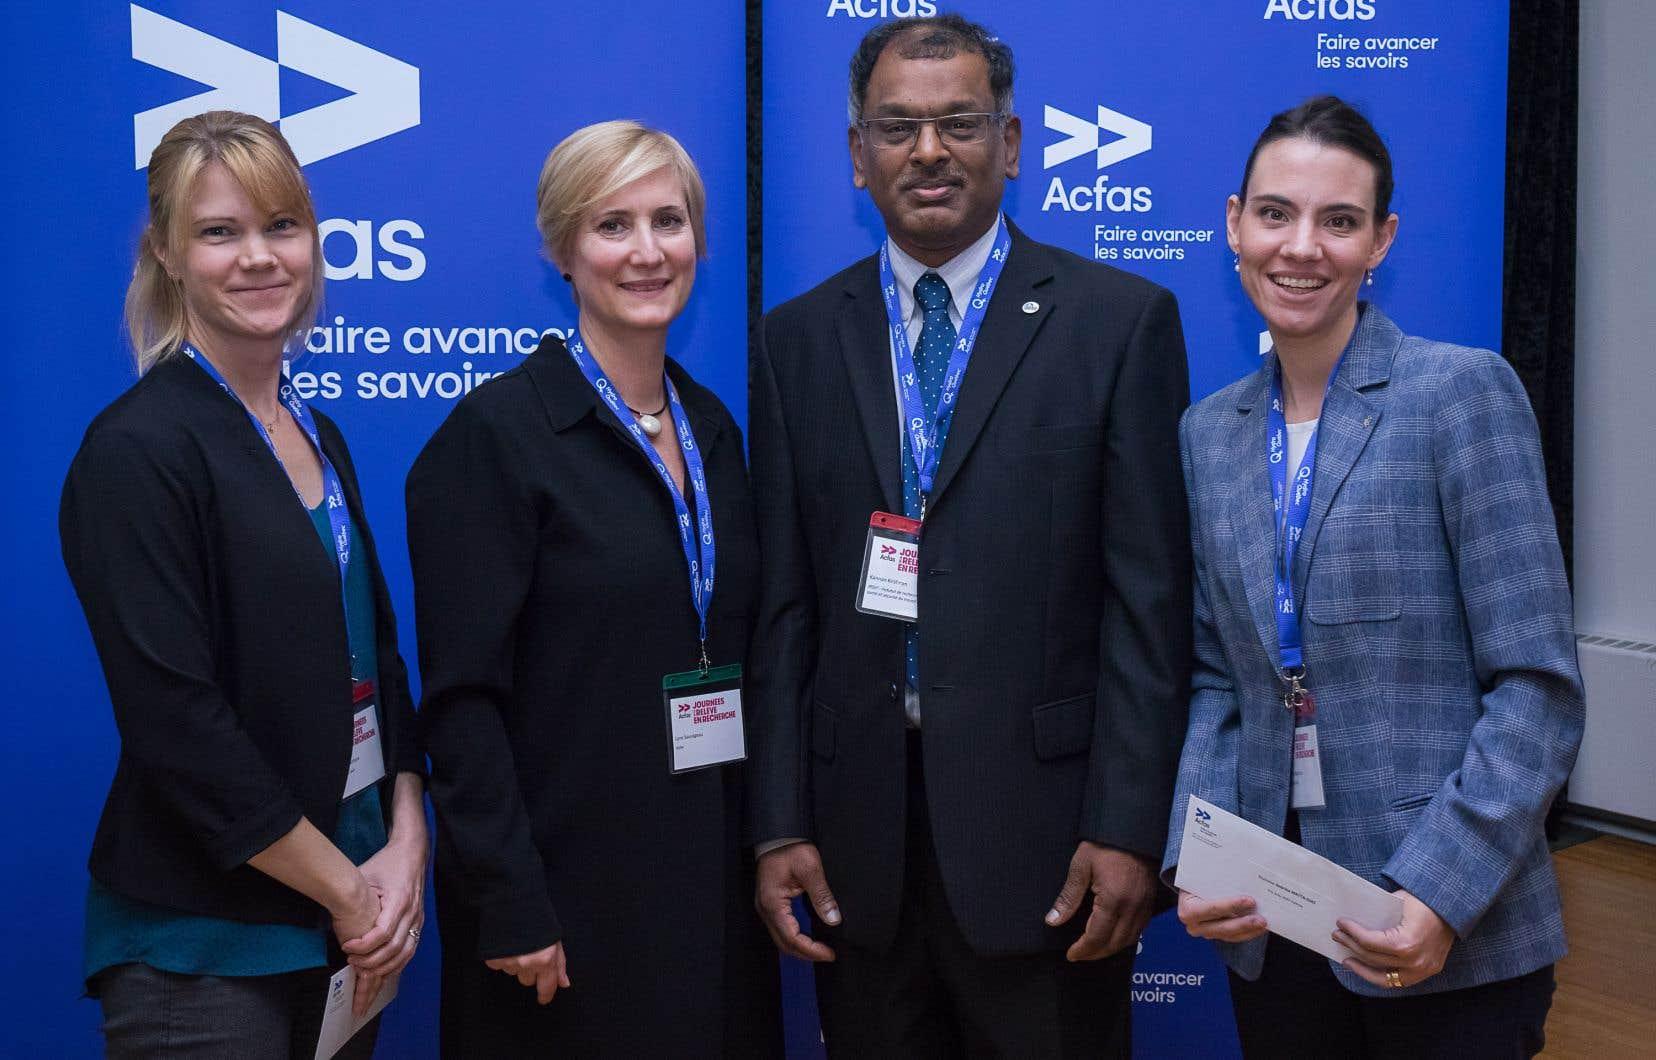 Depuis 2013, l'IRSST s'est associé à l'Association francophone pour le savoir (ACFAS) afin de créer les prix ACFAS-IRSST, attribués chaque année à deux étudiants à la maîtrise et au doctorat.